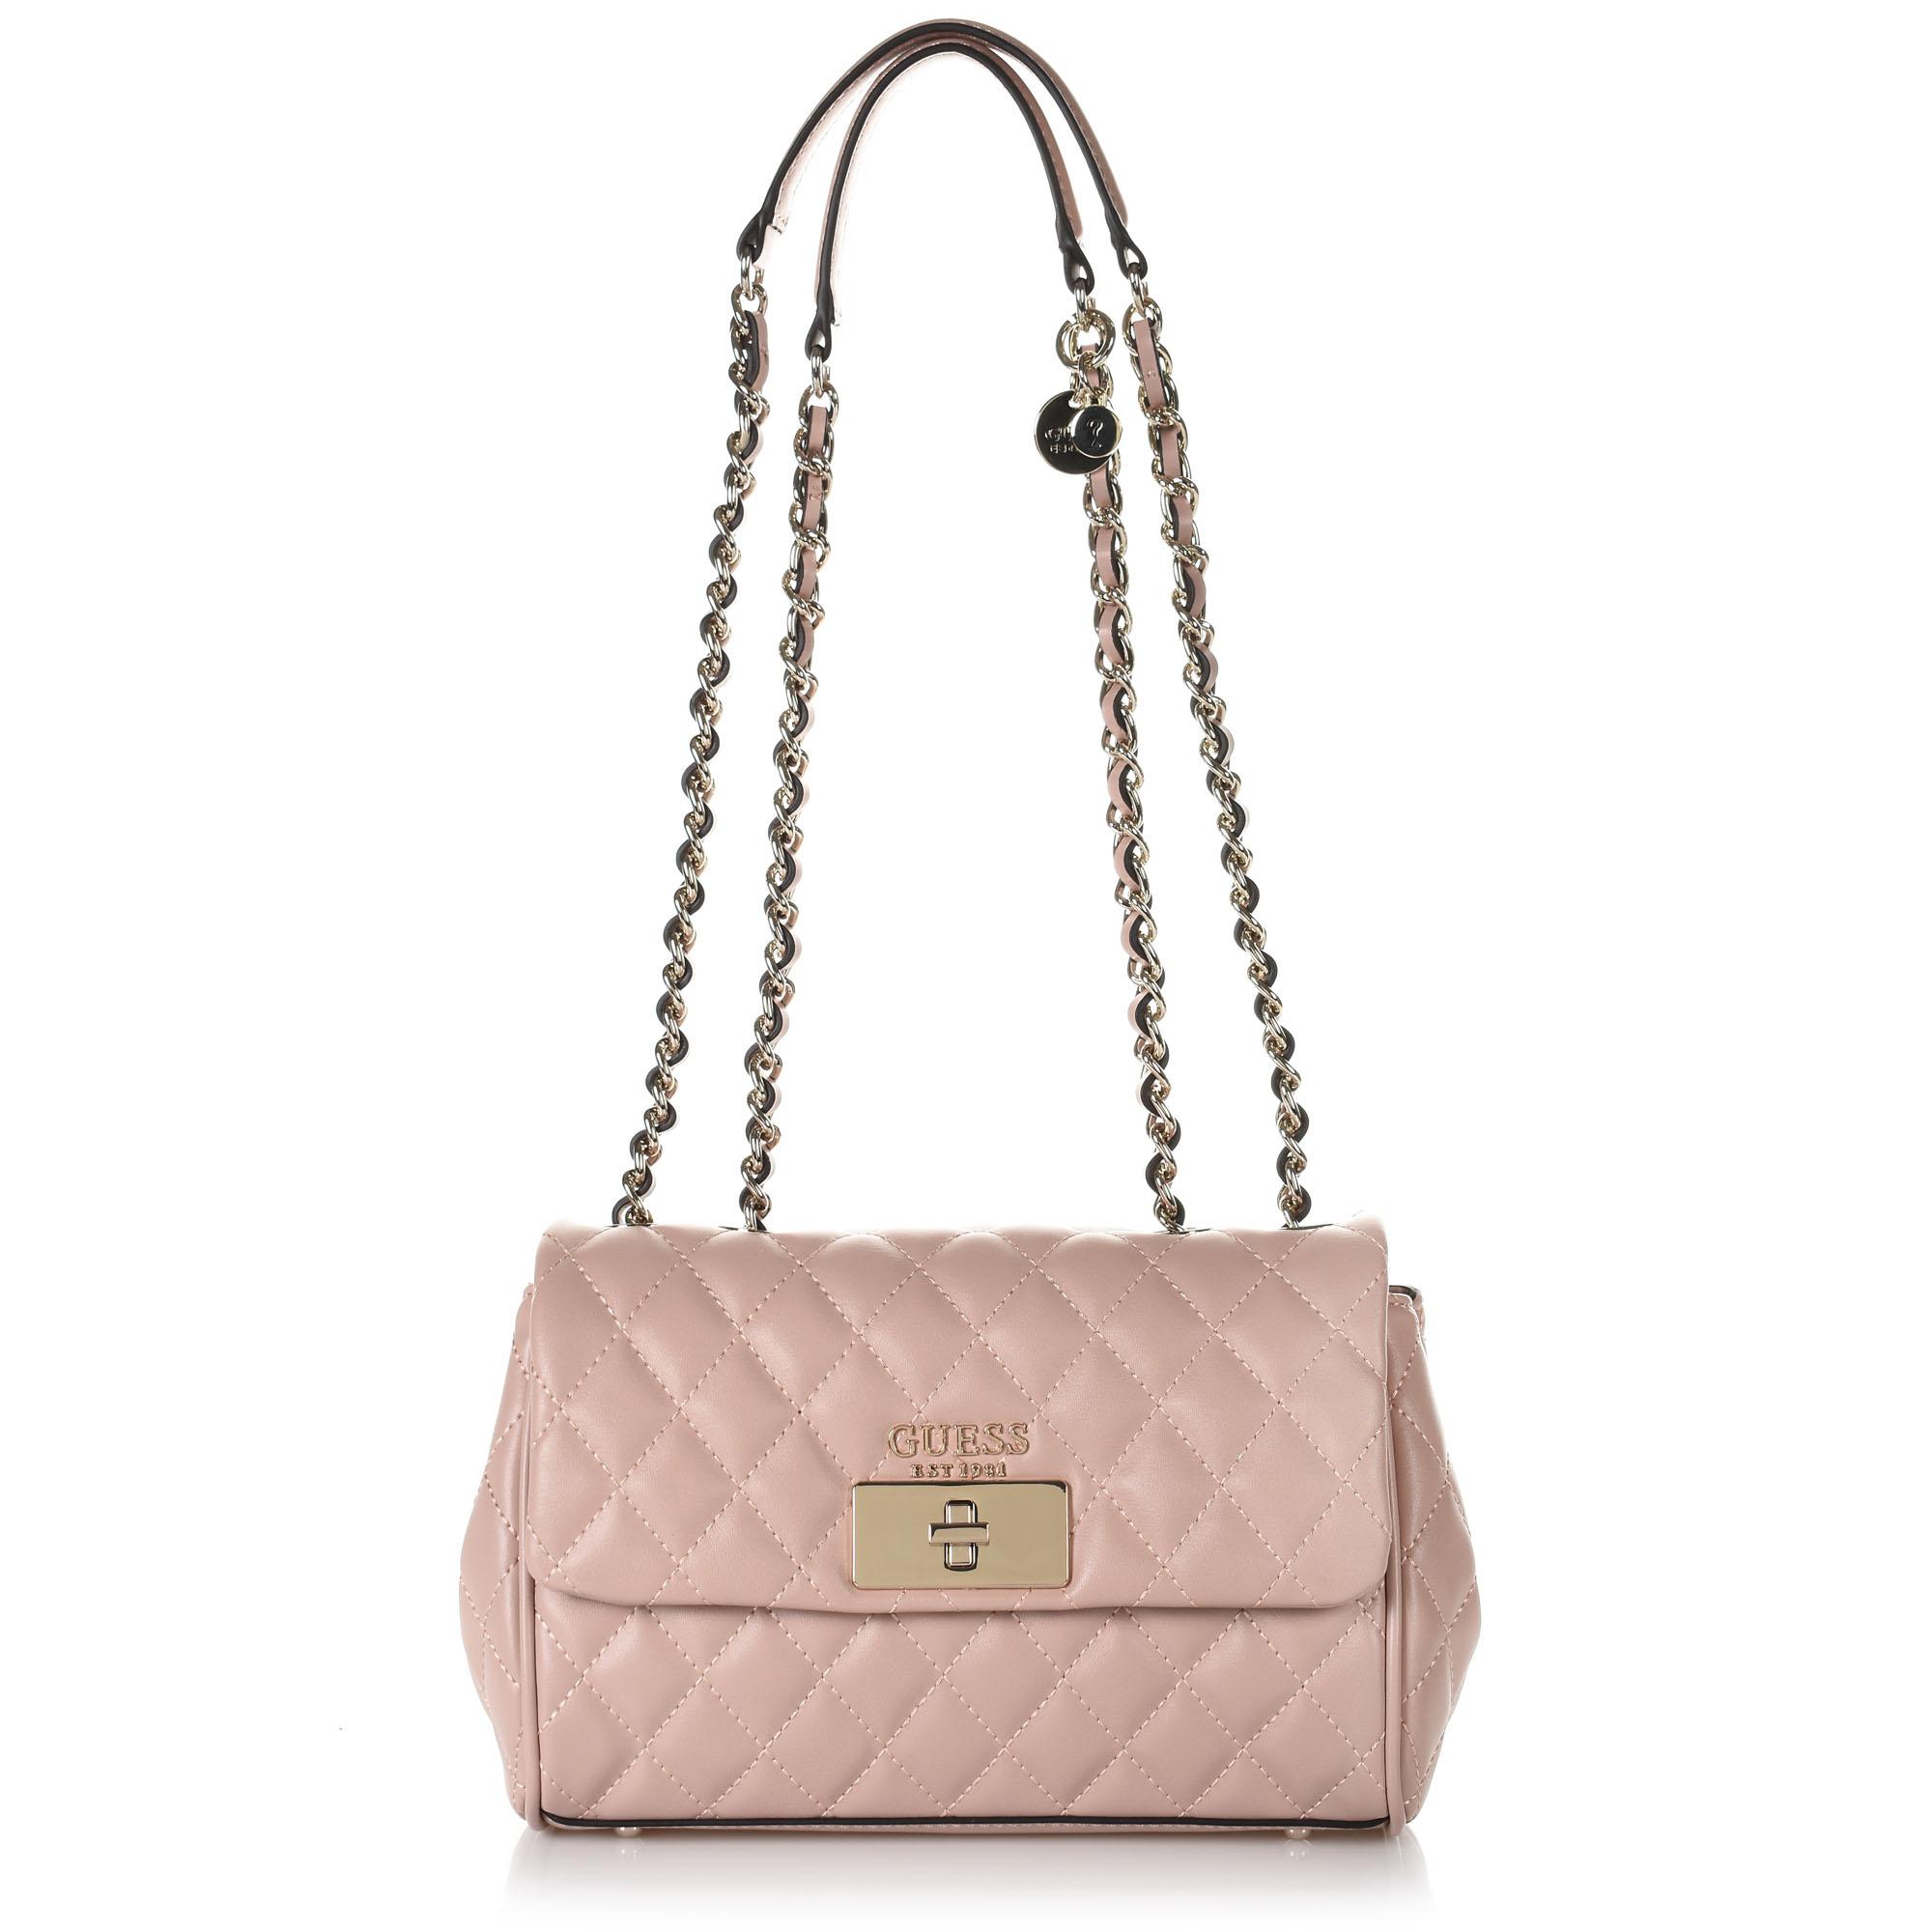 Τσάντα Ώμου-Χιαστί Guess Sweet Candy VG717518 γυναικα   γυναικεία τσάντα